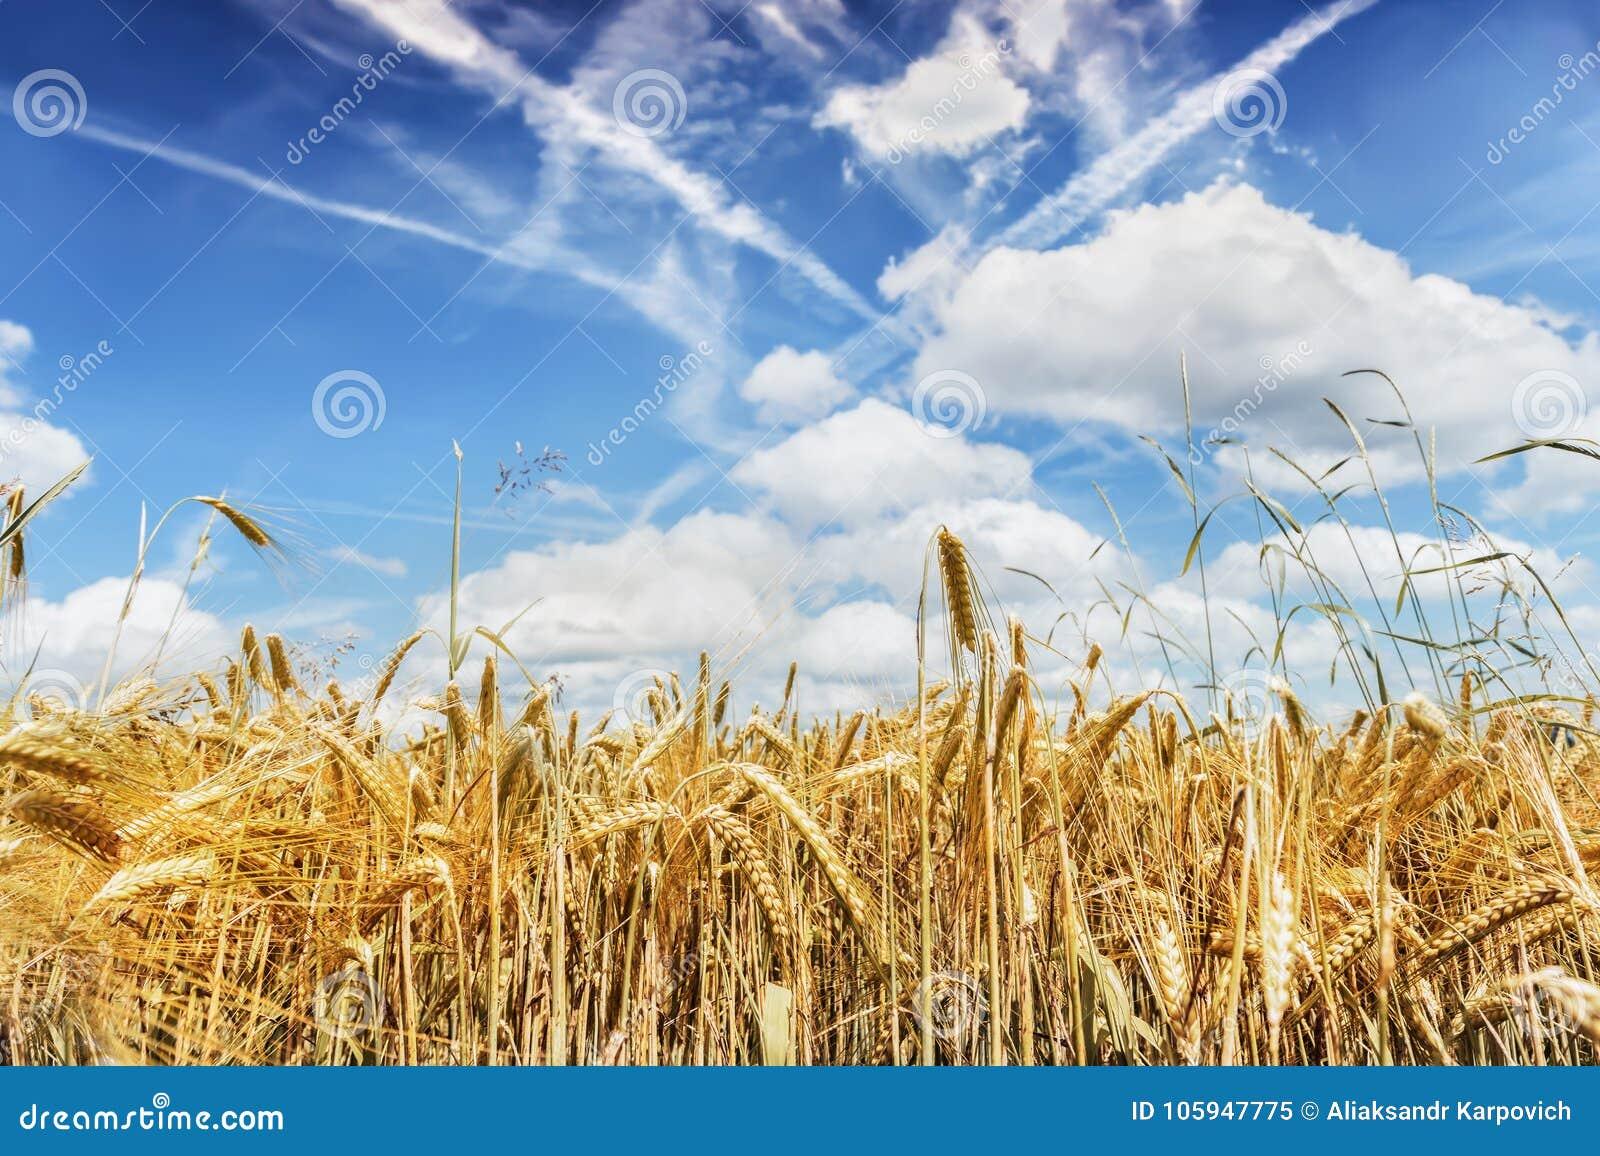 Grova spikar av moget vete mot den blåa himlen Skördfokusbegrepp